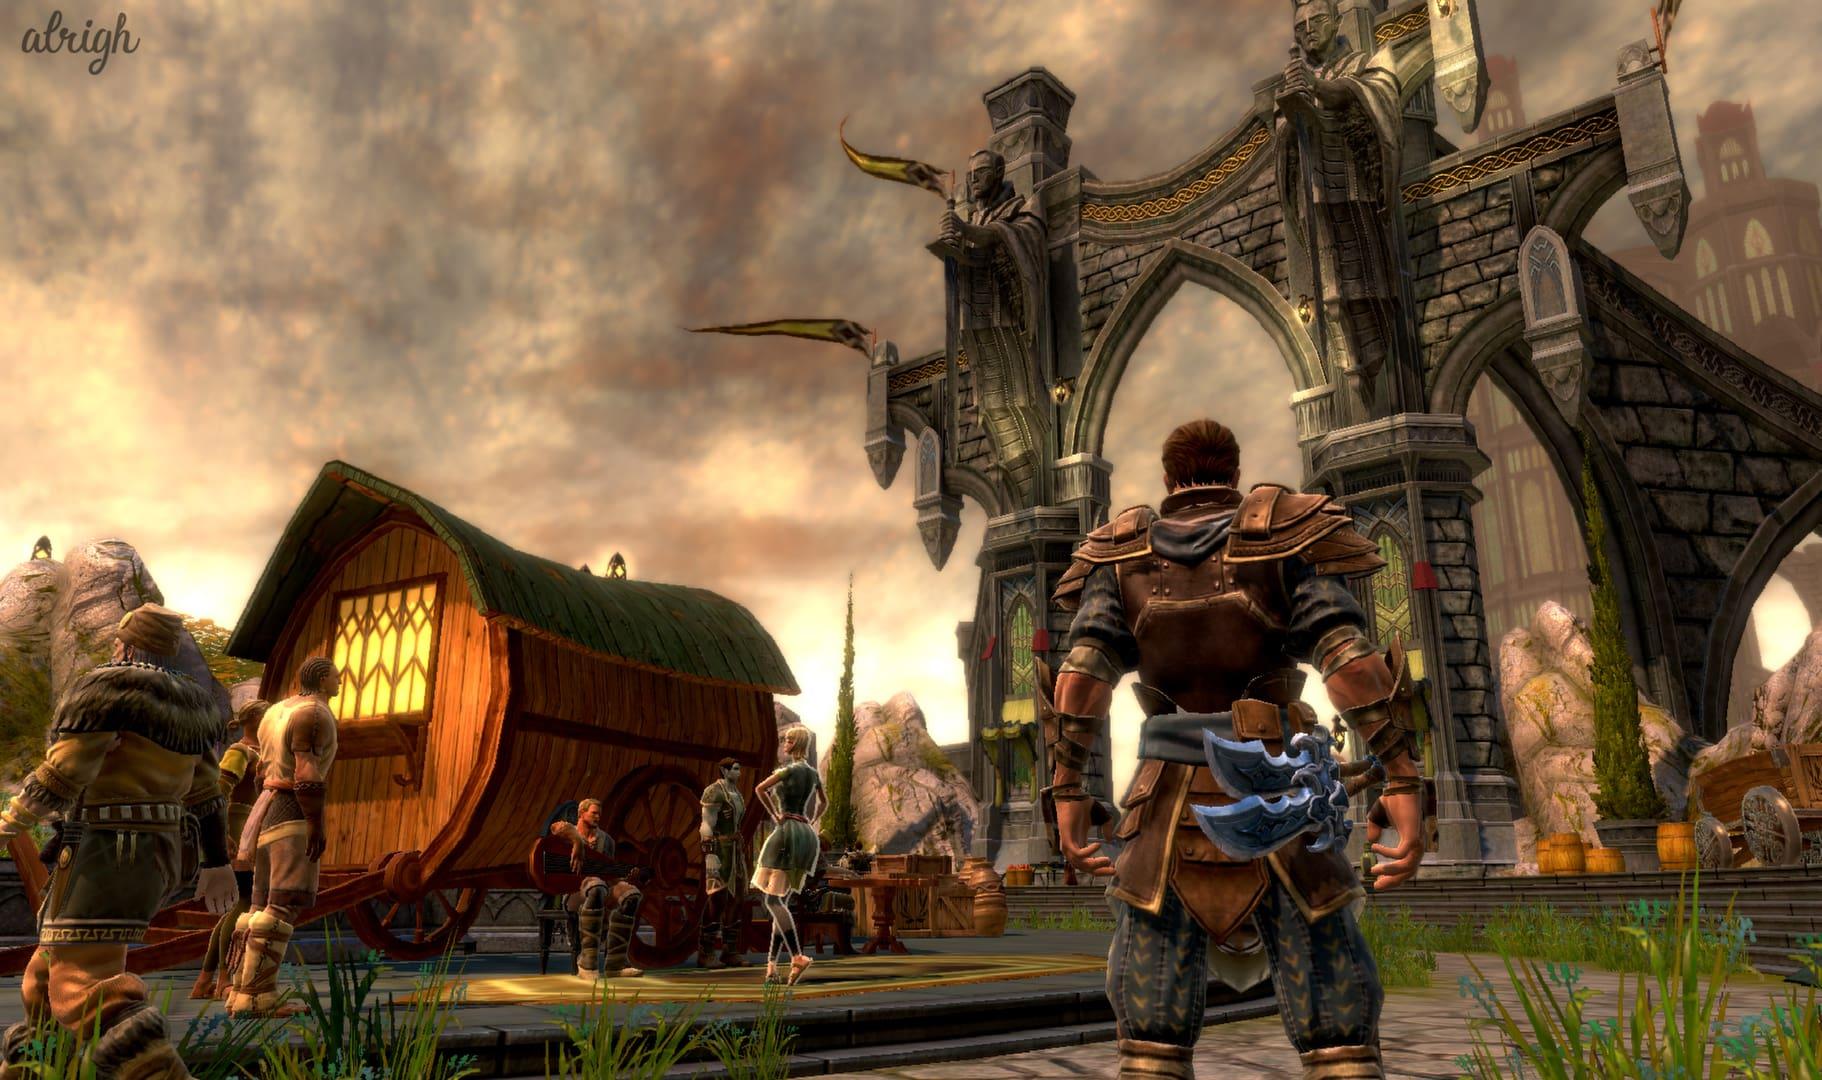 Games like Skyrim - Kingdoms of Amalur: Reckoning